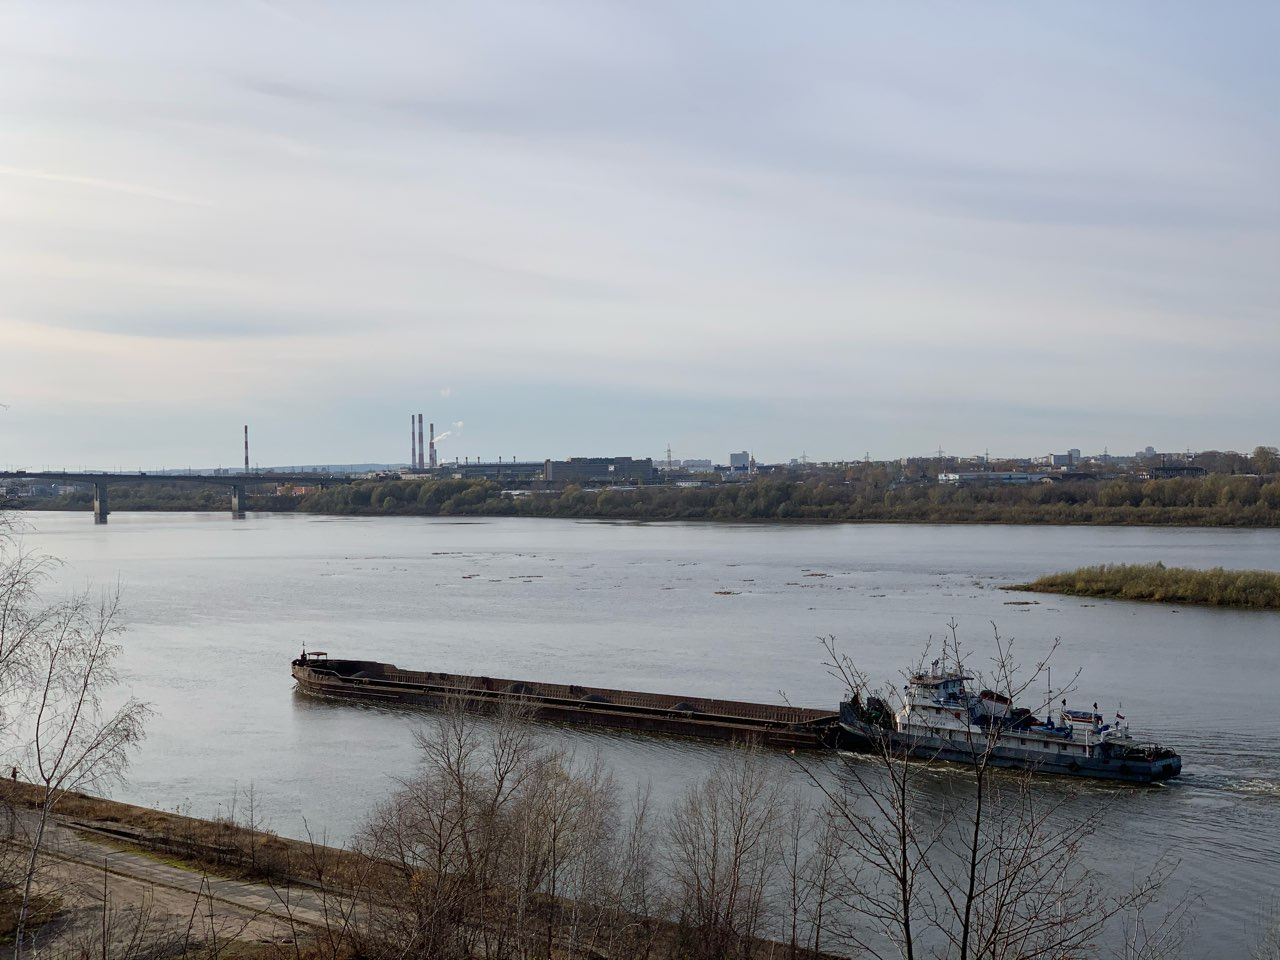 Навигацию «Валдаев» откроют в Нижегородской области в мае по трем маршрутам - фото 1